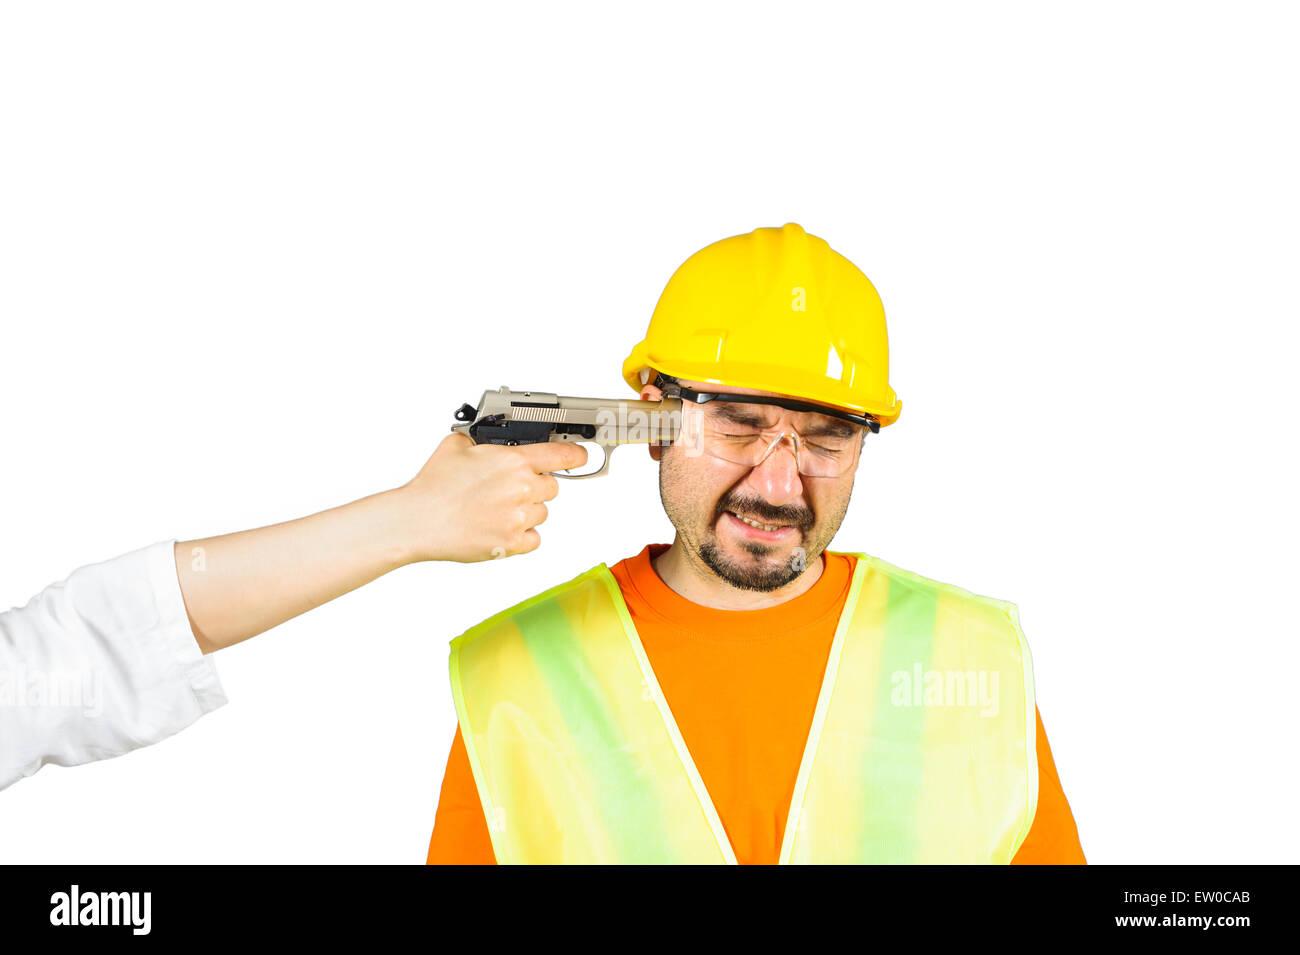 Arbeiter unter Androhung der Todesstrafe, Fragen zu arbeiten, die isoliert auf weiss Stockbild